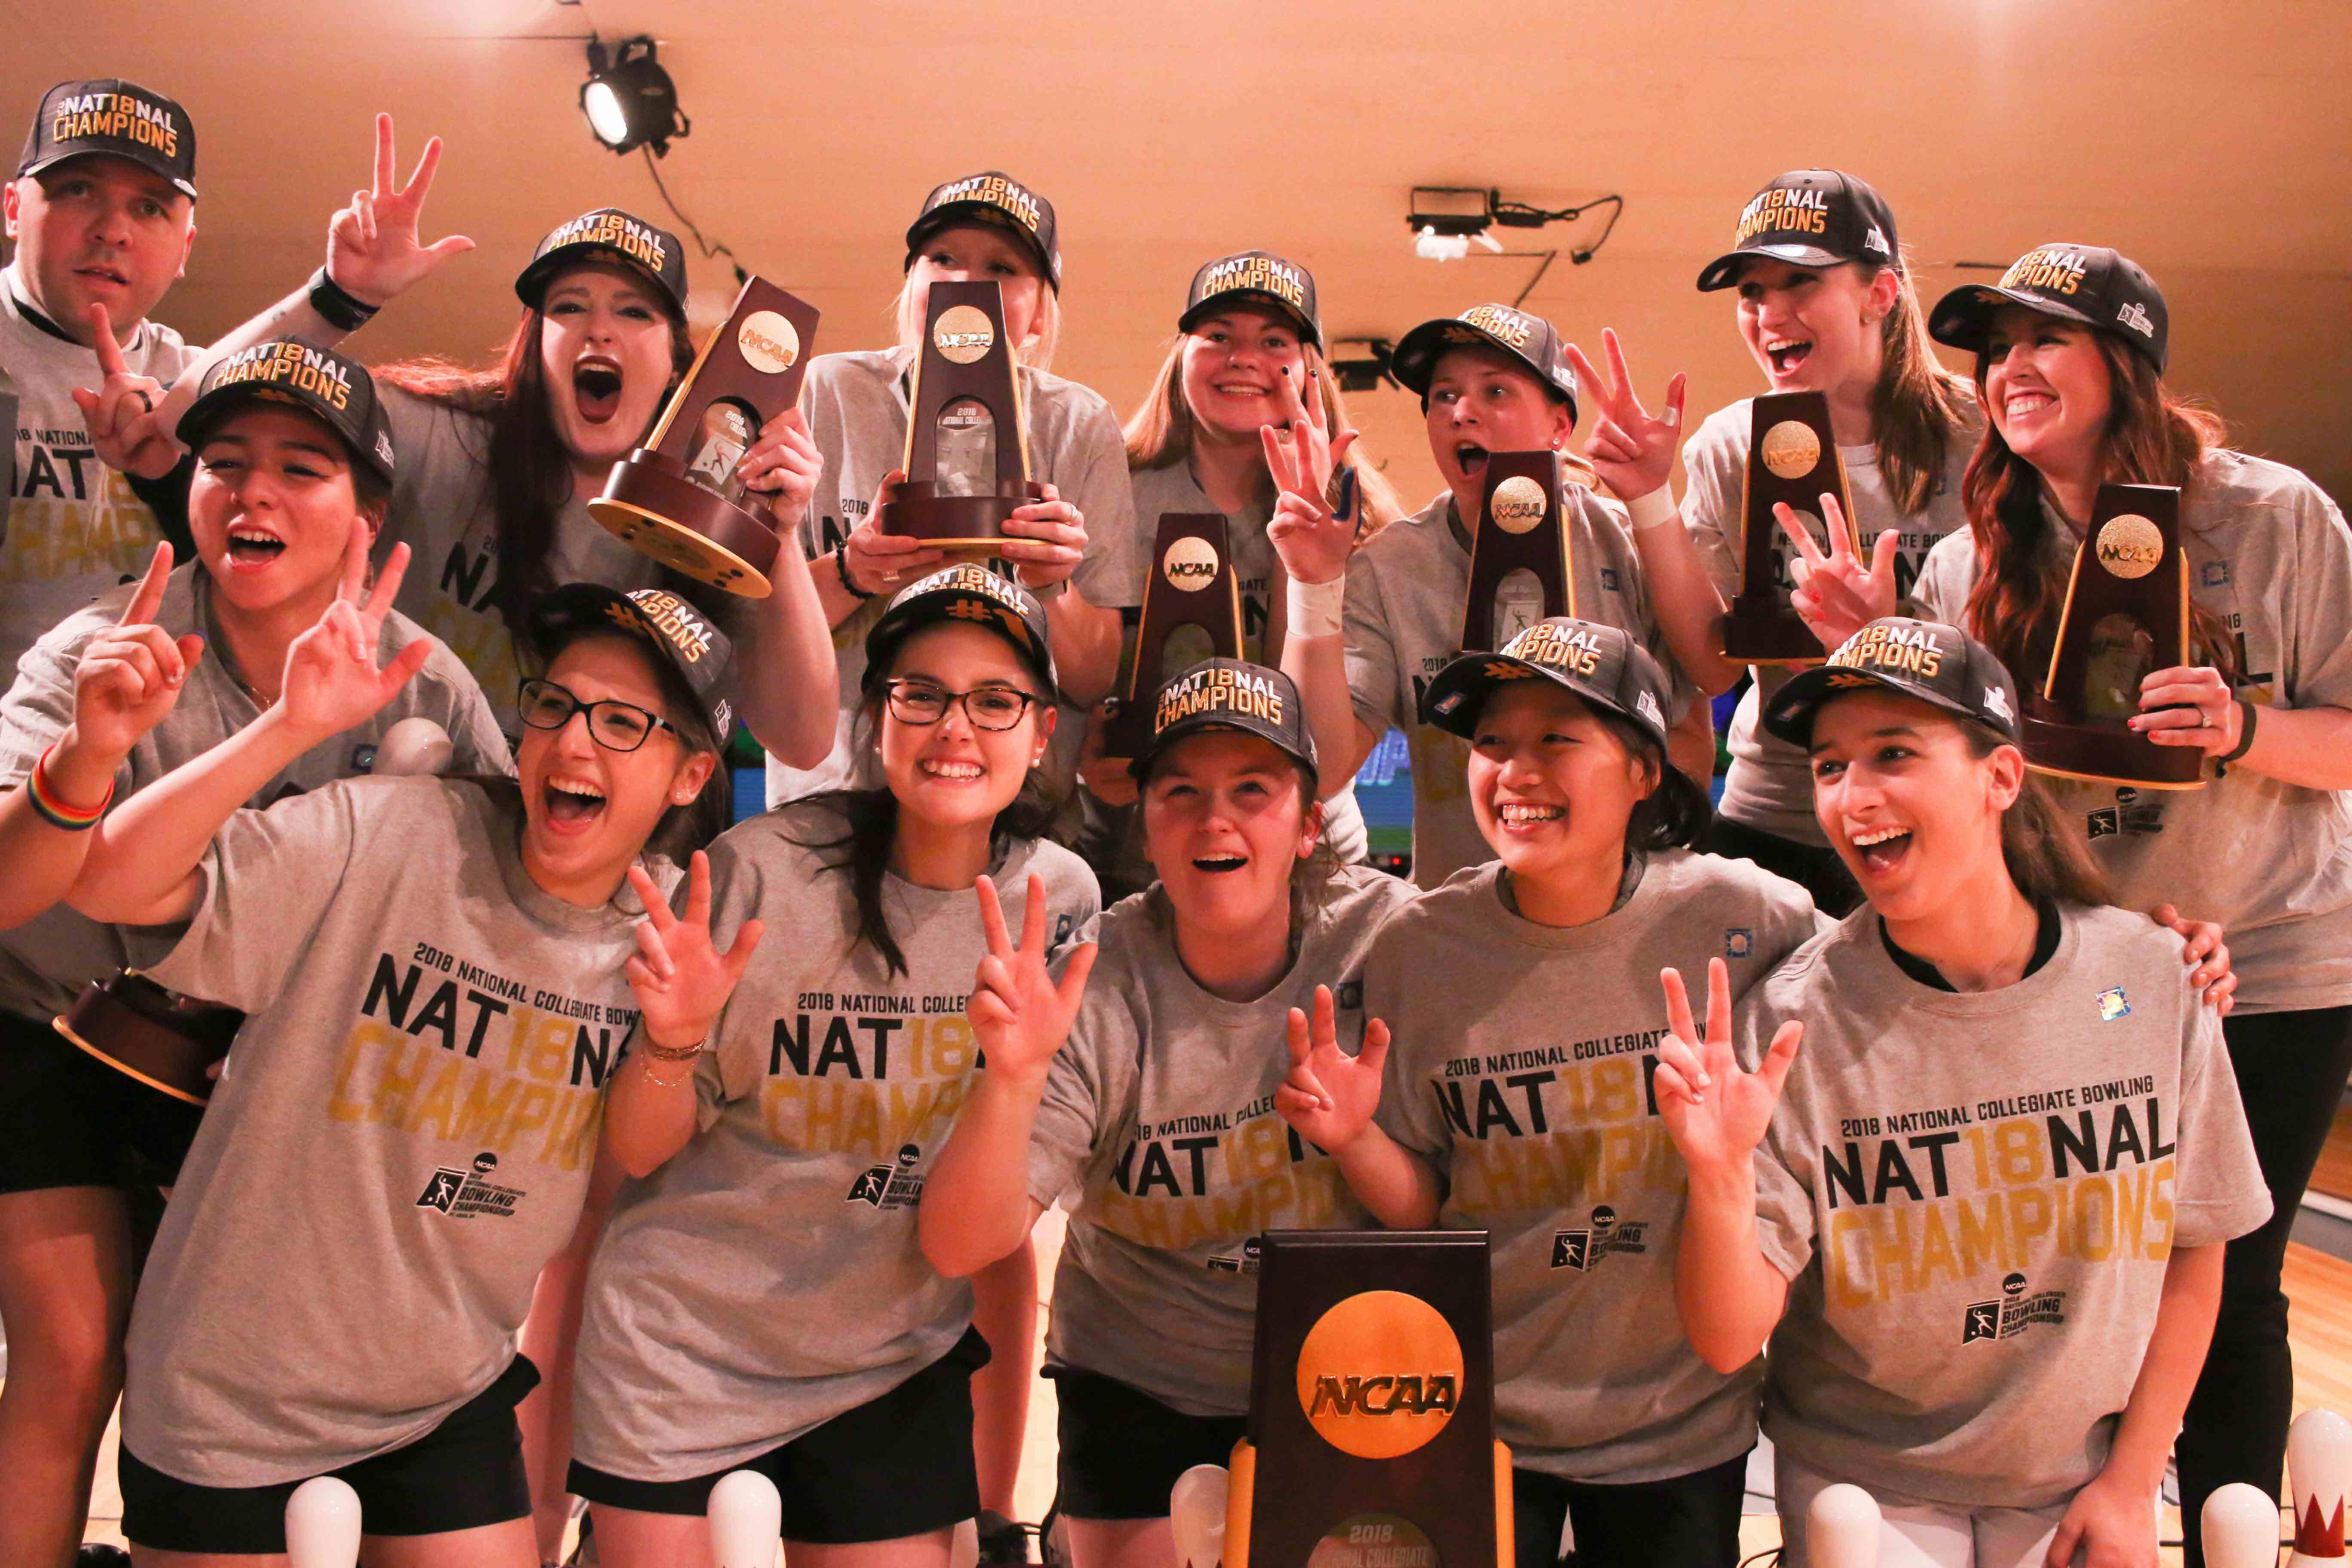 Photo via Vanderbilt Athletics